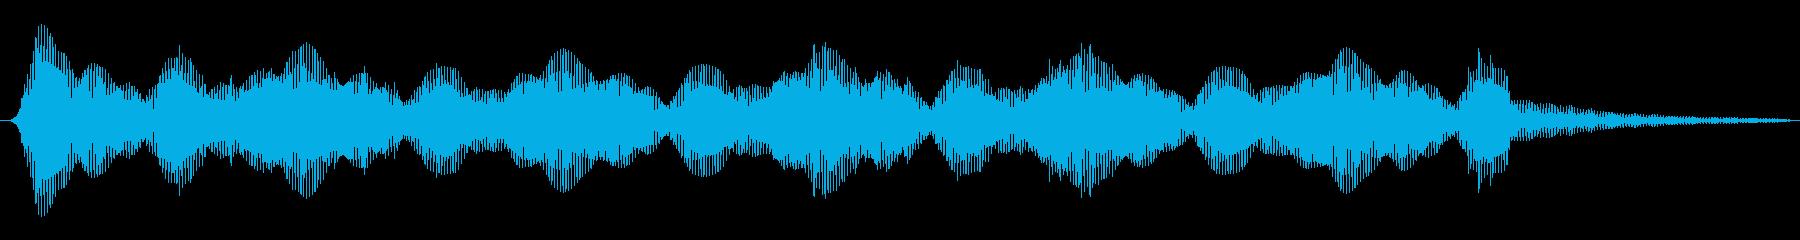 緊張 忍び寄るアンダーワールド01の再生済みの波形